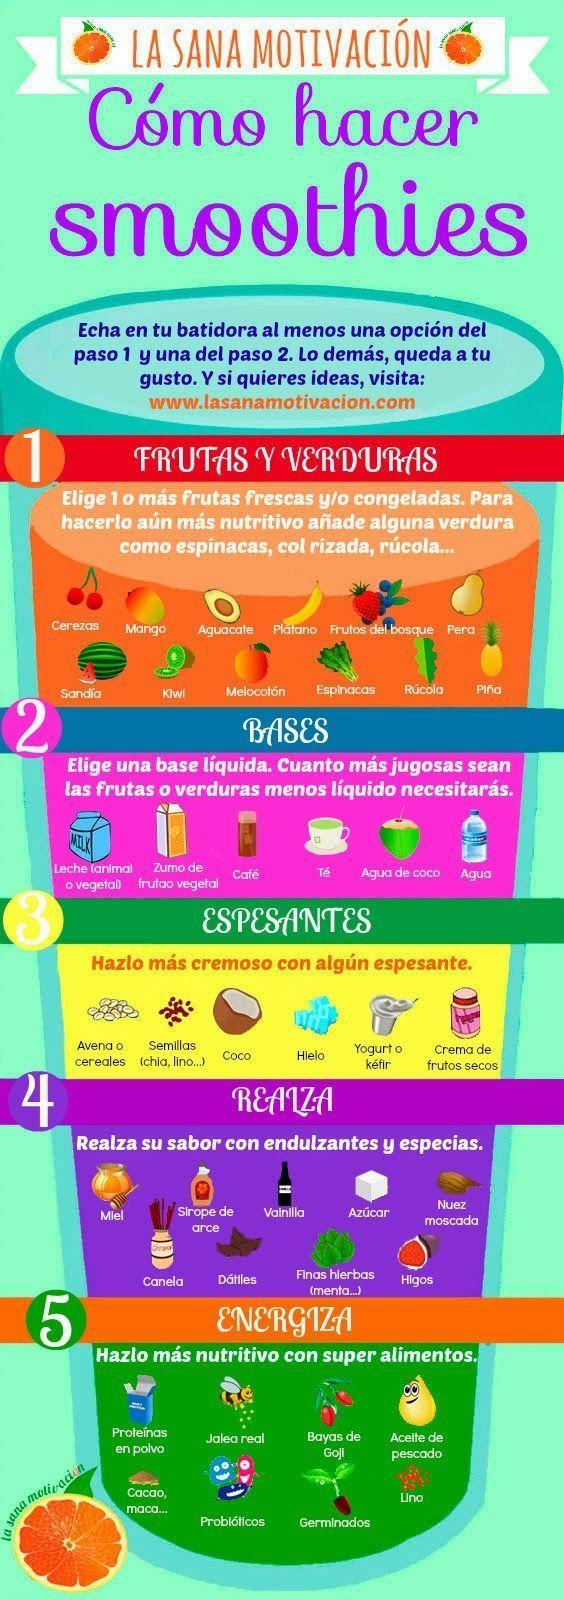 Los batidos de frutas y verduras pueden ser una deliciosa opciónparaaportar a tu saludlos nutrientes esenciales. La mejor manera de evitar ingredientes desconocidos o químicosen tusmoothie es hacerlos tumismo a base de productos naturales. Todo lo que necesitas es una licuadora, frutas y una base, tal como agua, leche o yogur. Estos batidos nos ayudaran …